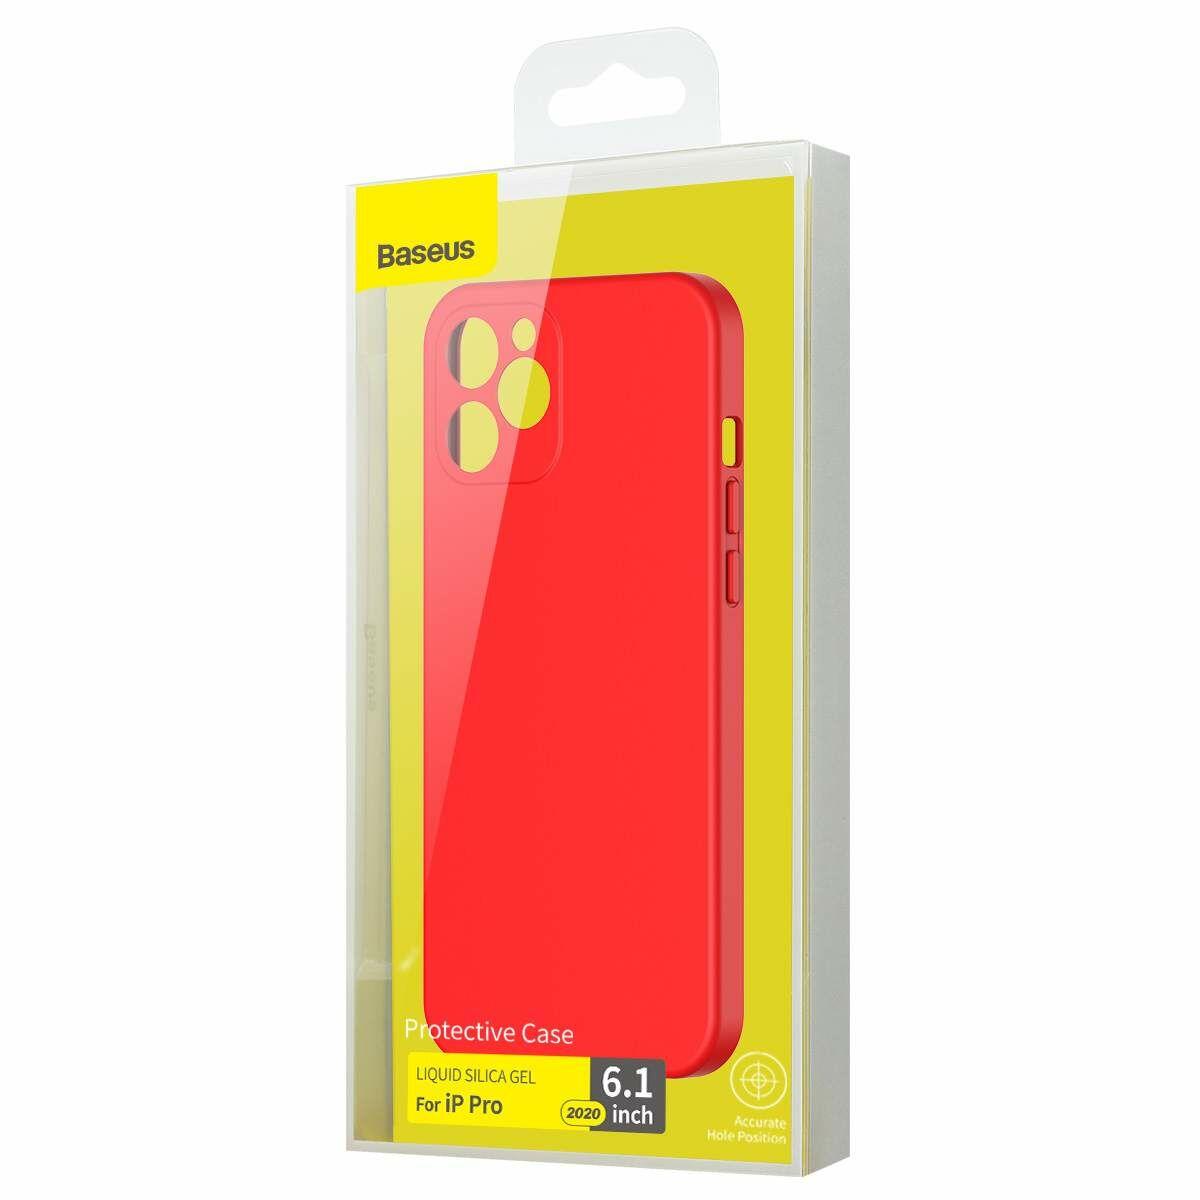 Baseus iPhone 12/12 Pro tok, Liquid Sicila Gel, piros (WIAPIPH61P-YT09)